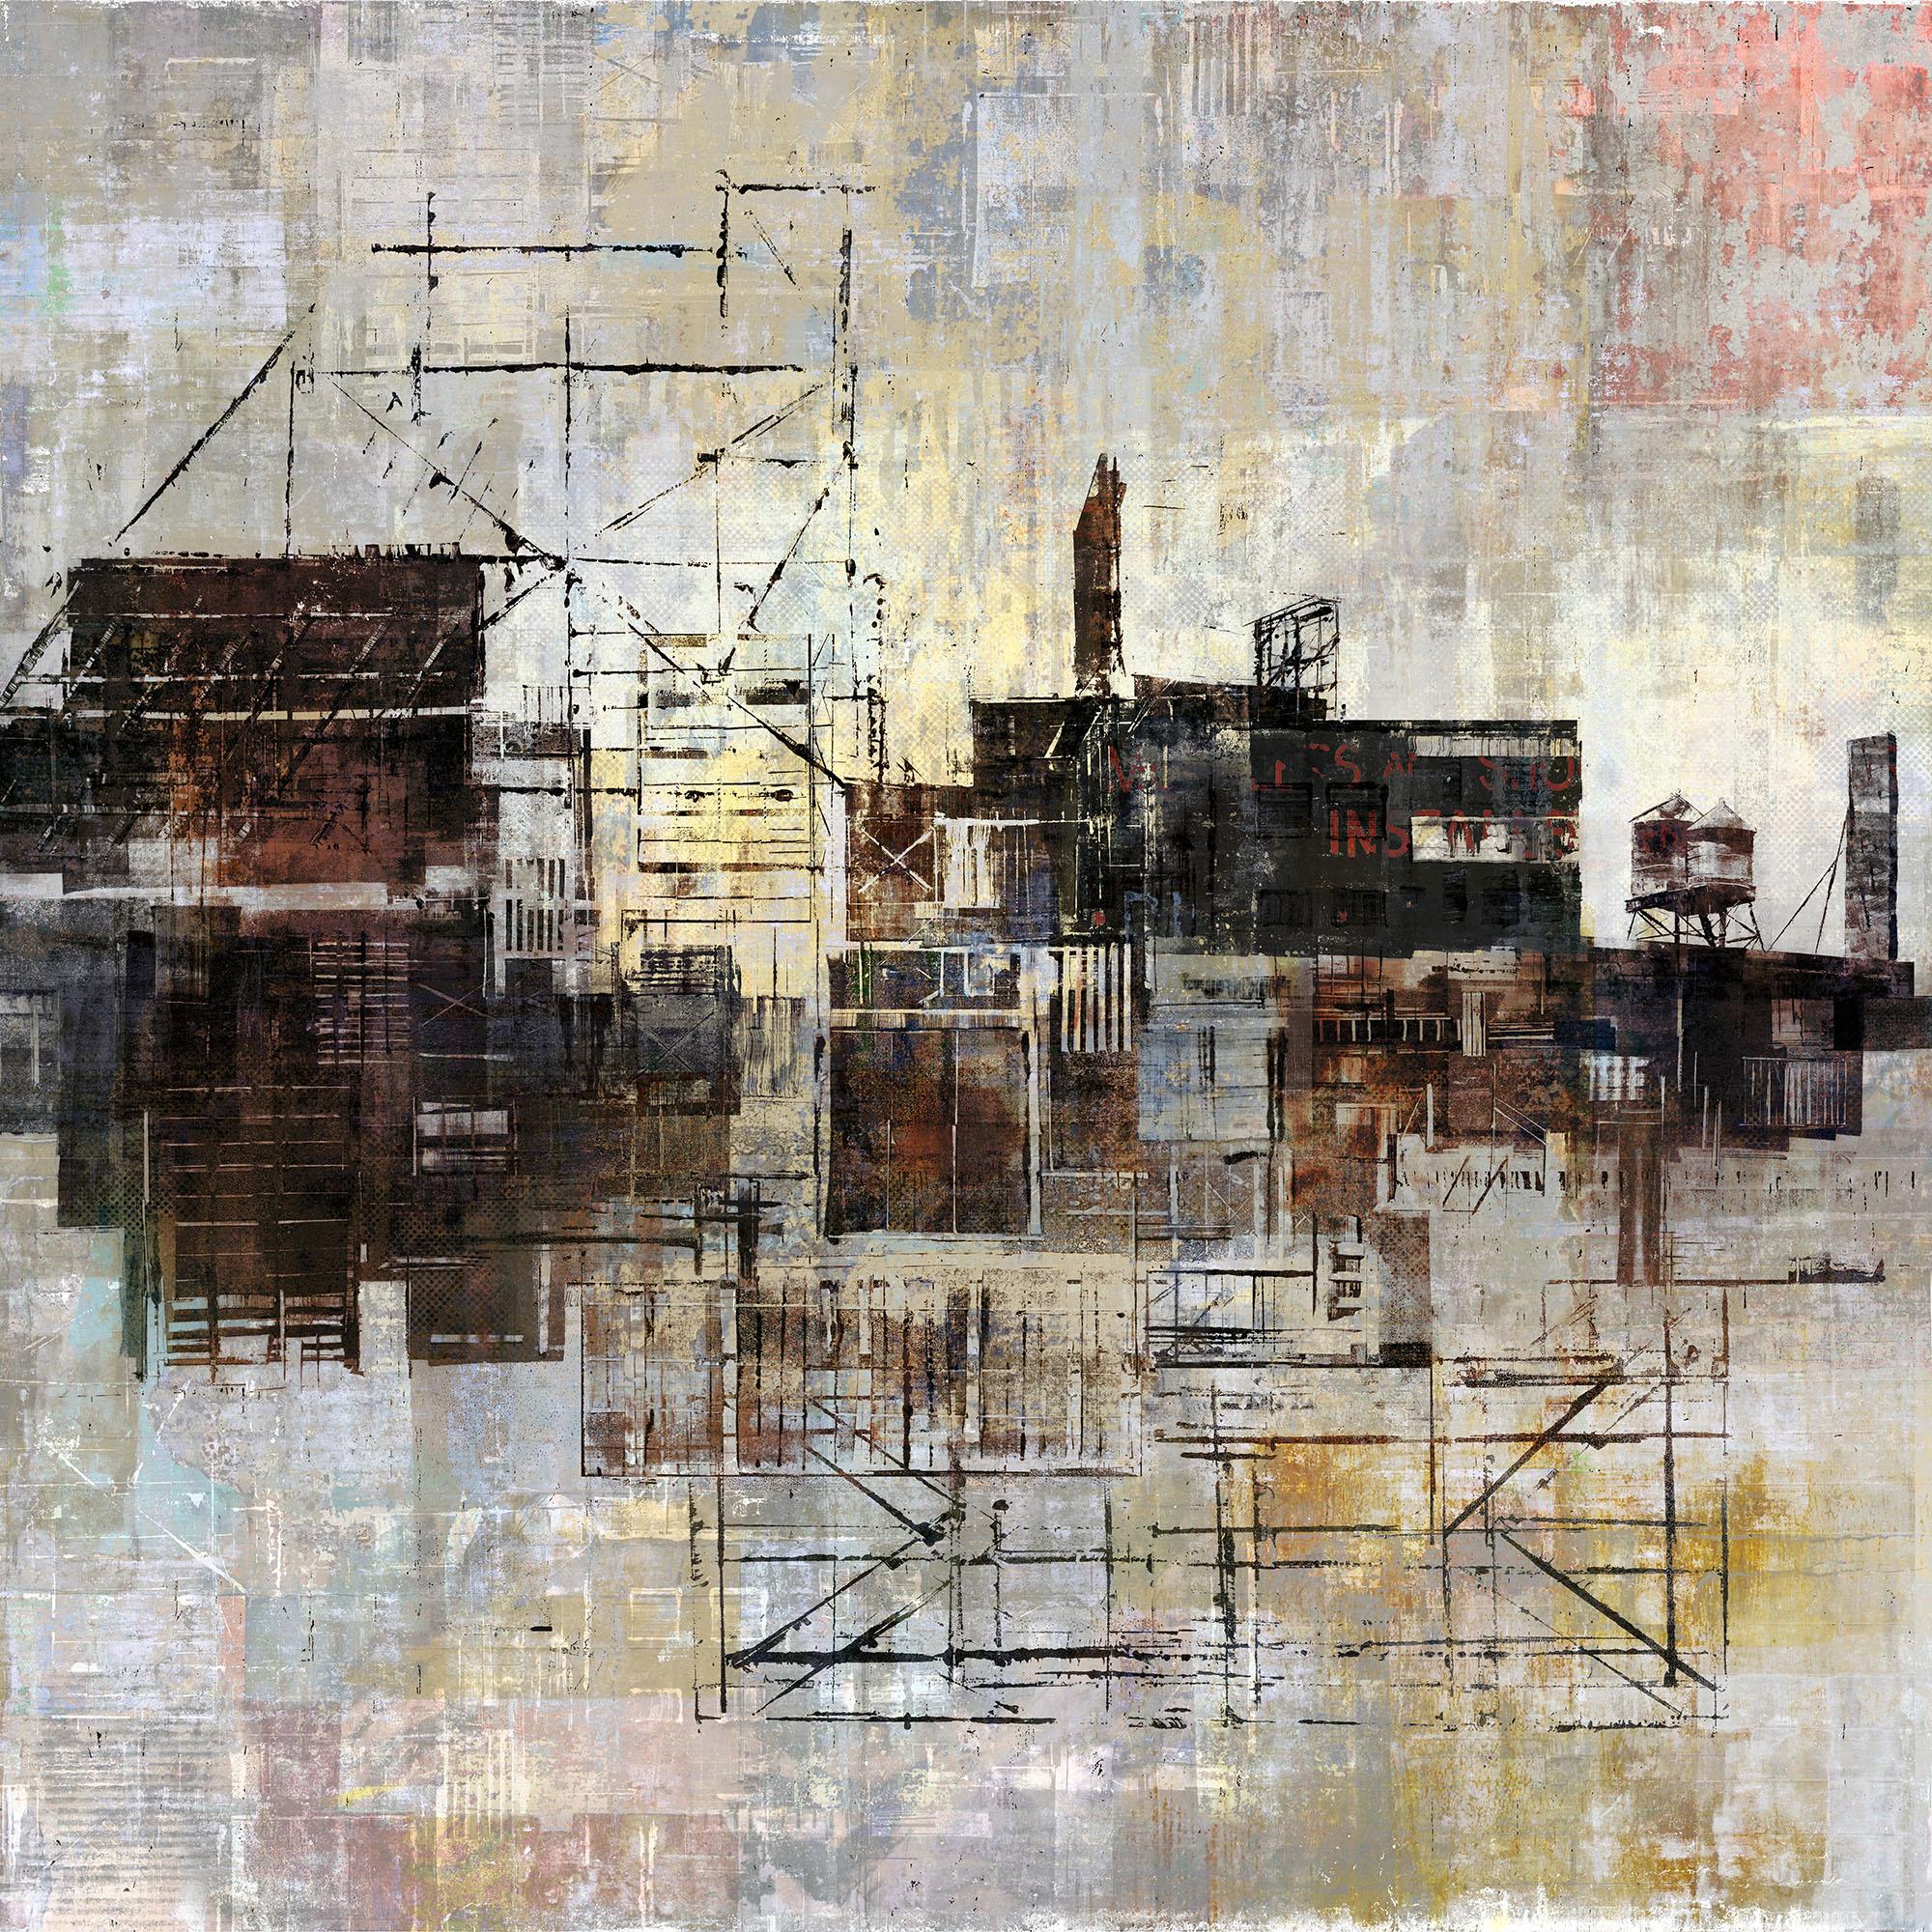 """Barrenness (Study) , digital composition transferred to wood, masonite, gesso, acrylic medium, wood glue, 11 3/4"""" x 11 3/4"""" x 2"""", sold"""